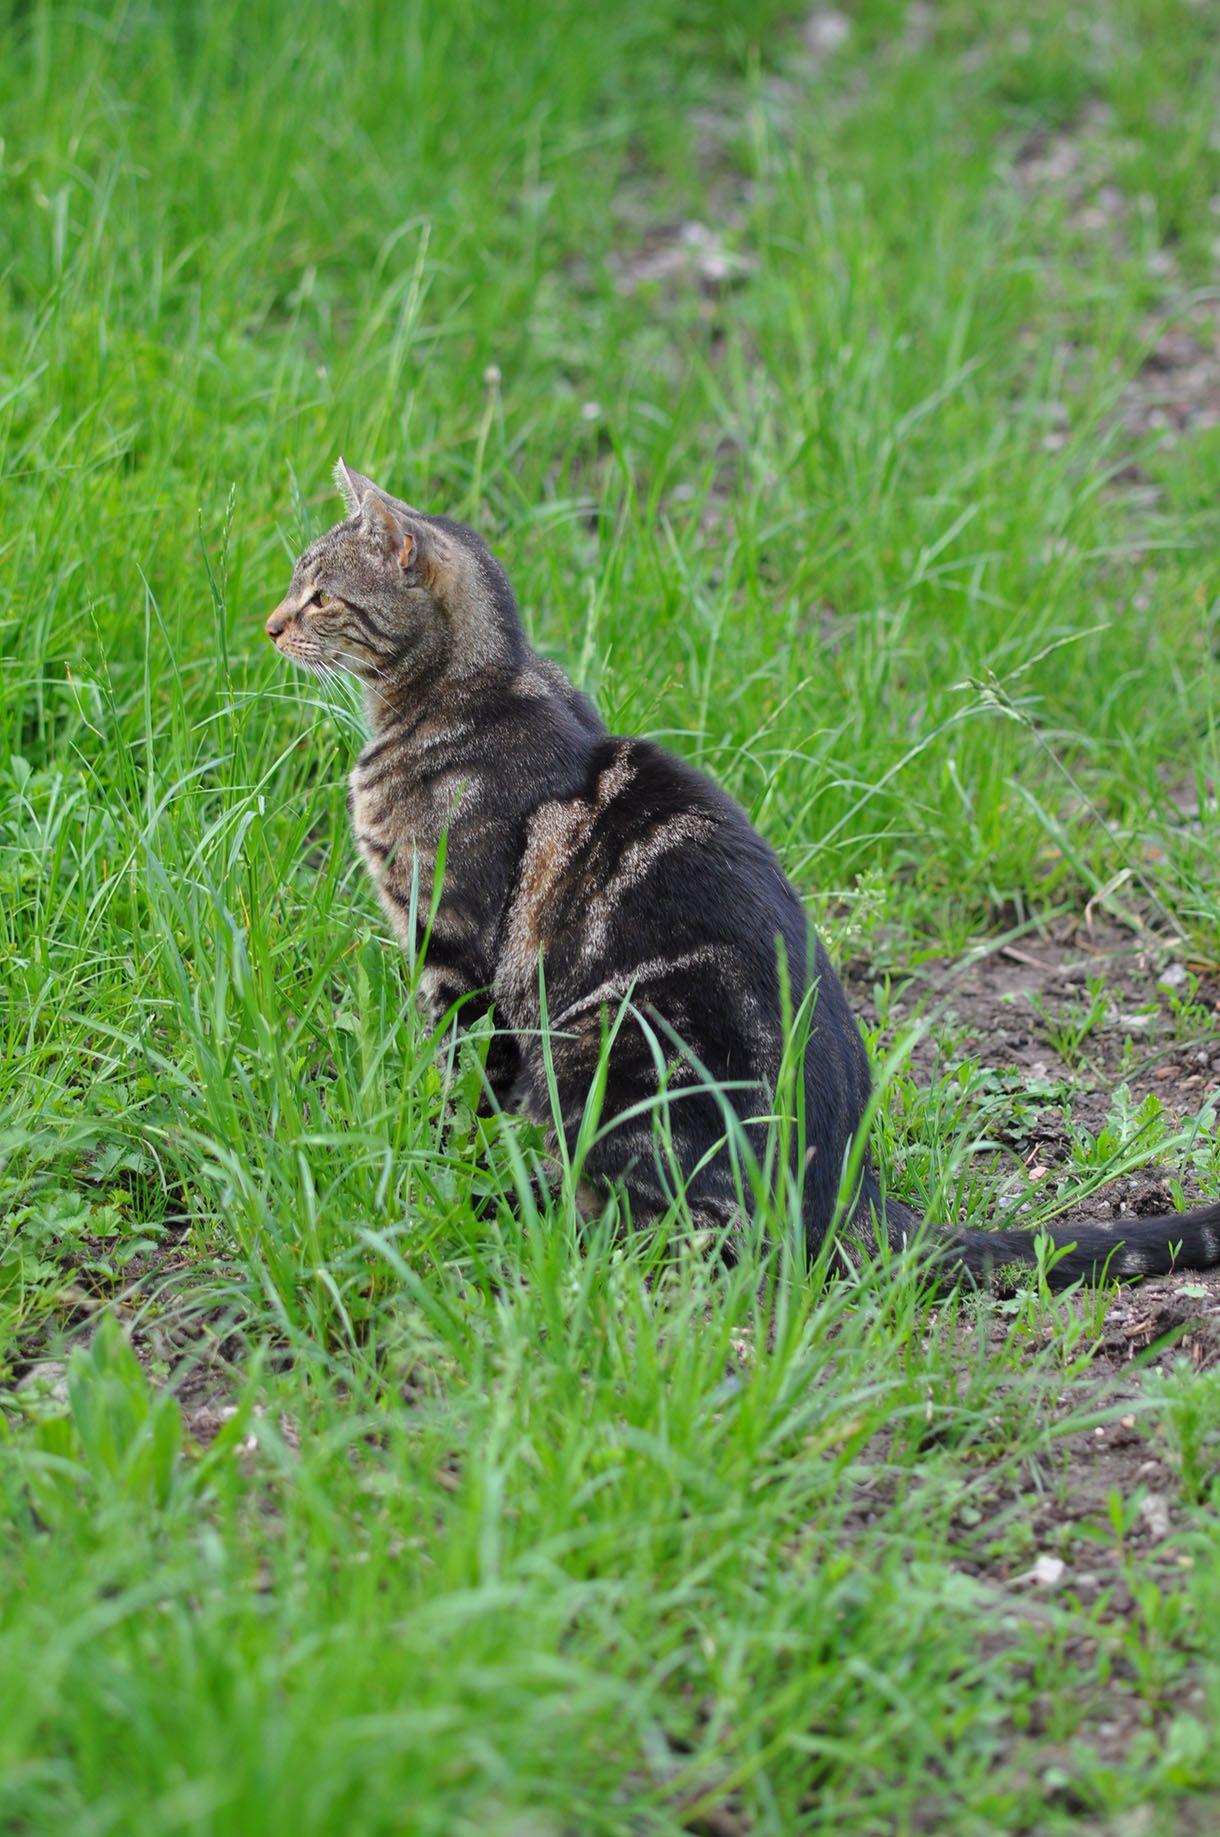 Comment Planter Du Muguet comment éloigner les chats de votre jardin ? | eloigner les